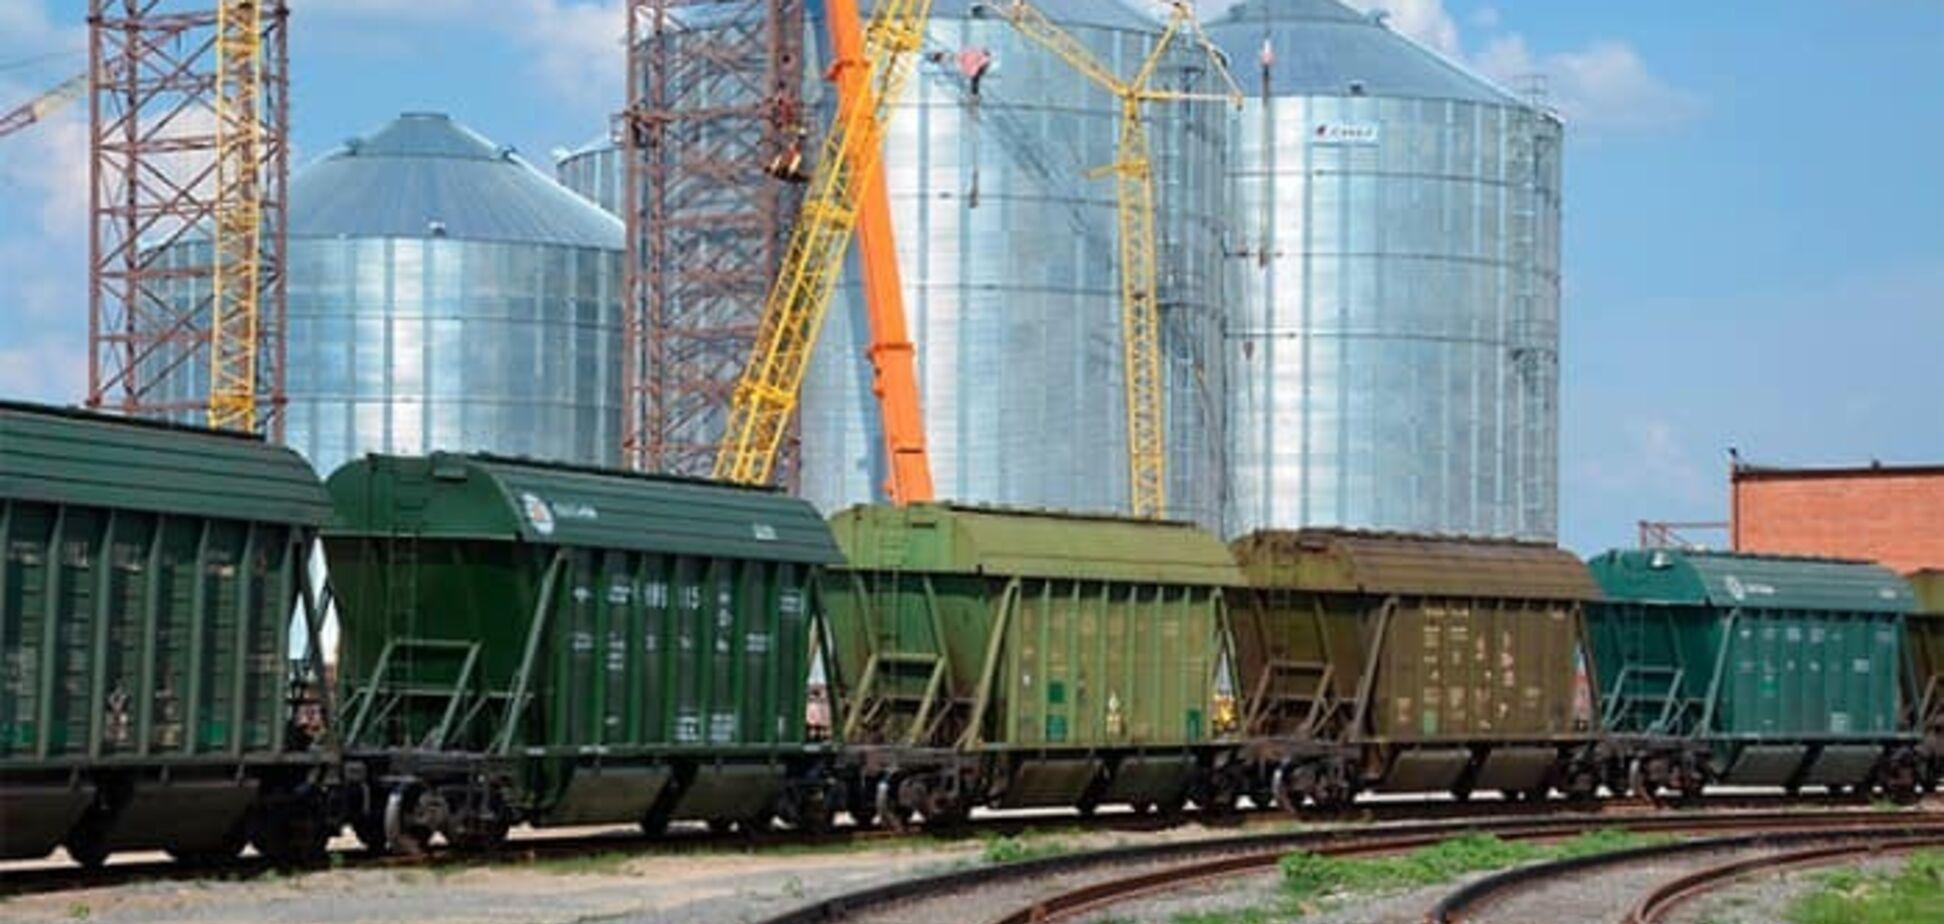 Украину ждет коллапс из-за рекордного урожая: озвучена угроза